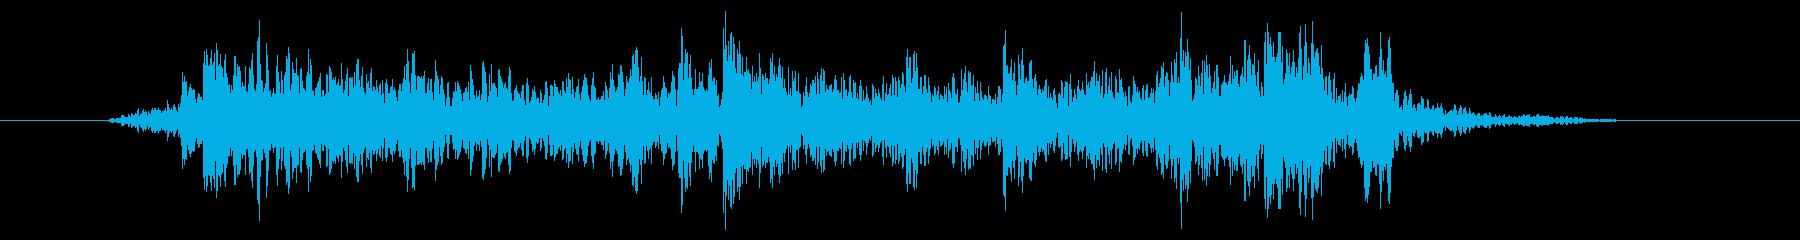 デジタルロック風ドラムフィルの再生済みの波形